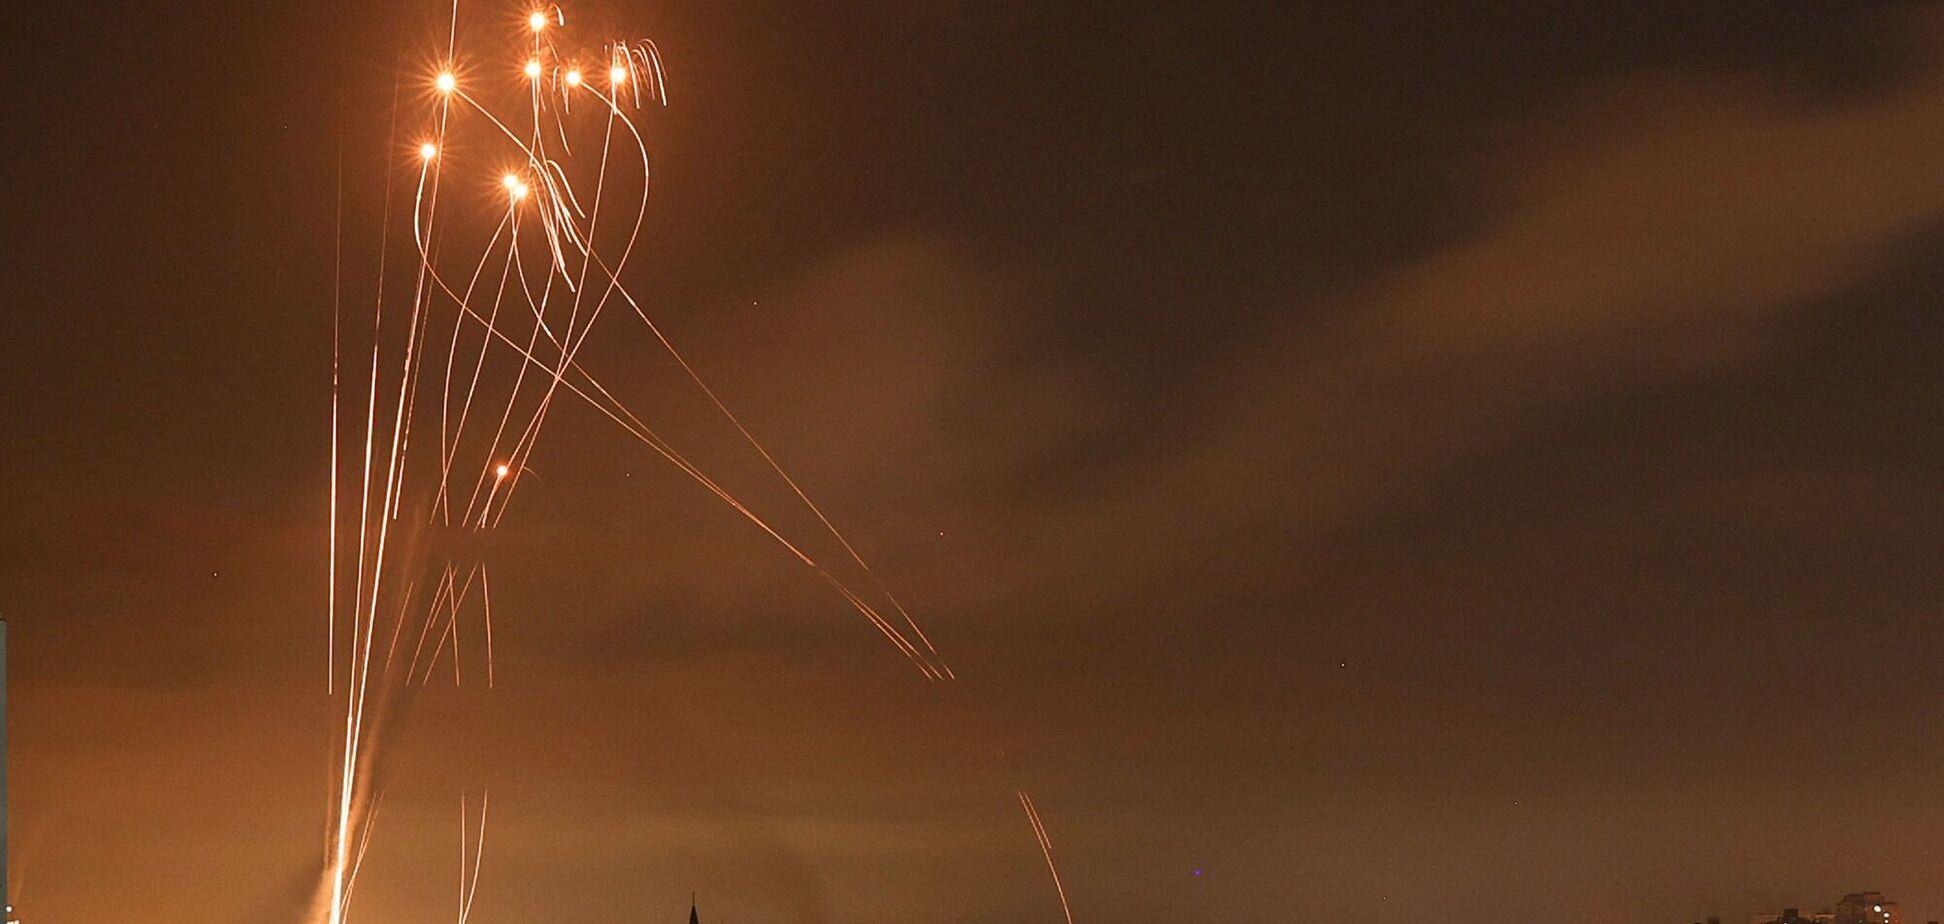 Ізраїль відбиває ракетні атаки ХАМАСу – ситуація на сьогодні